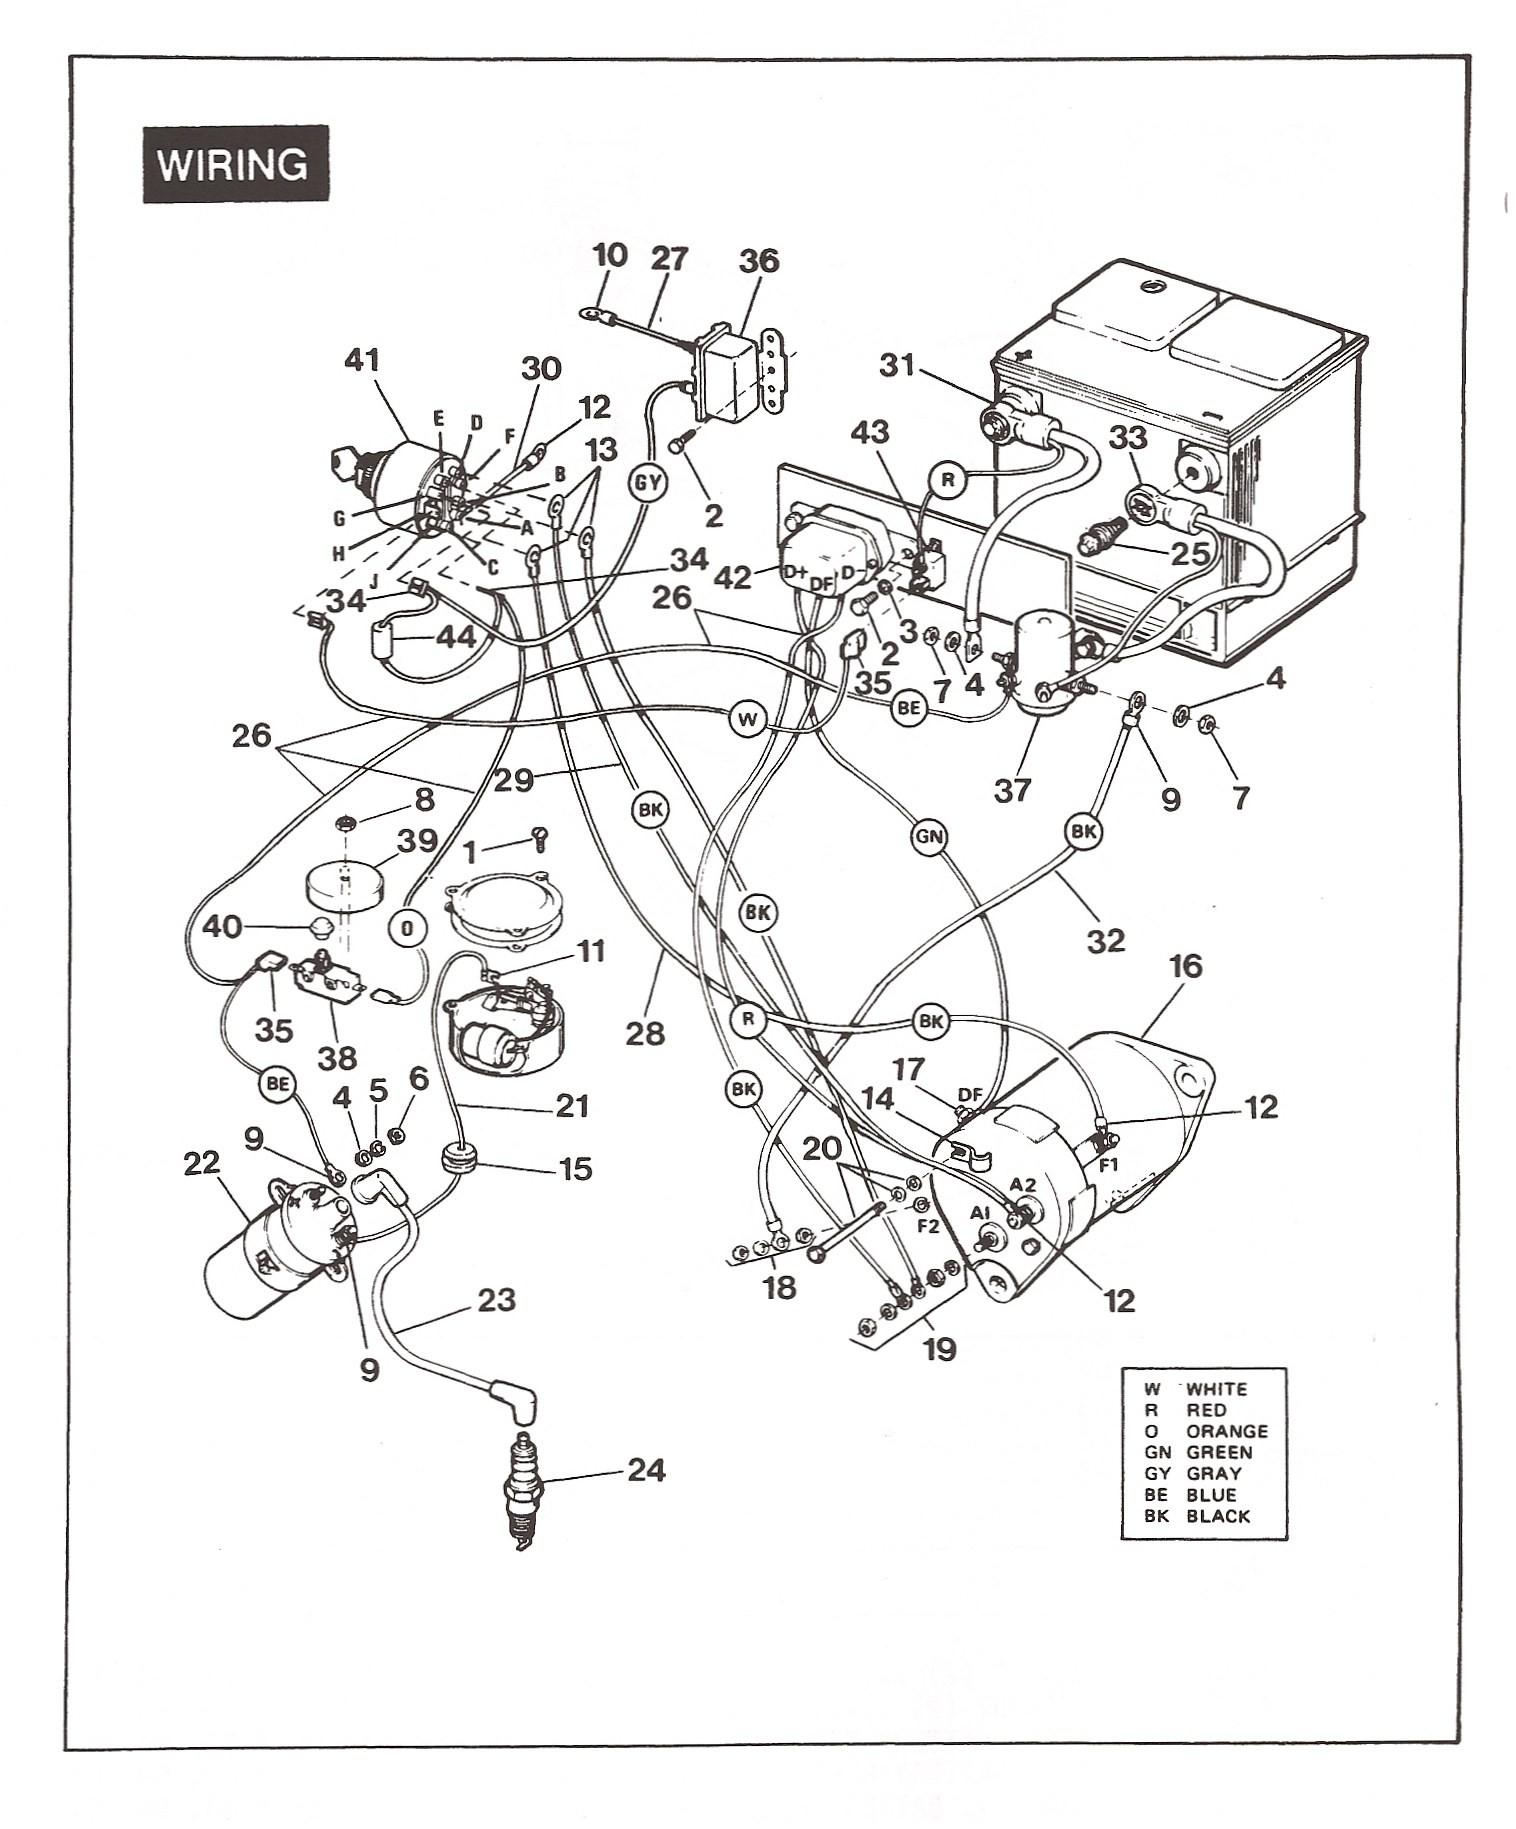 Club Car Electric Golf Cart Wiring Diagram Beautiful Club Car Golf Cart Wiring Diagram Everything Of Club Car Electric Golf Cart Wiring Diagram